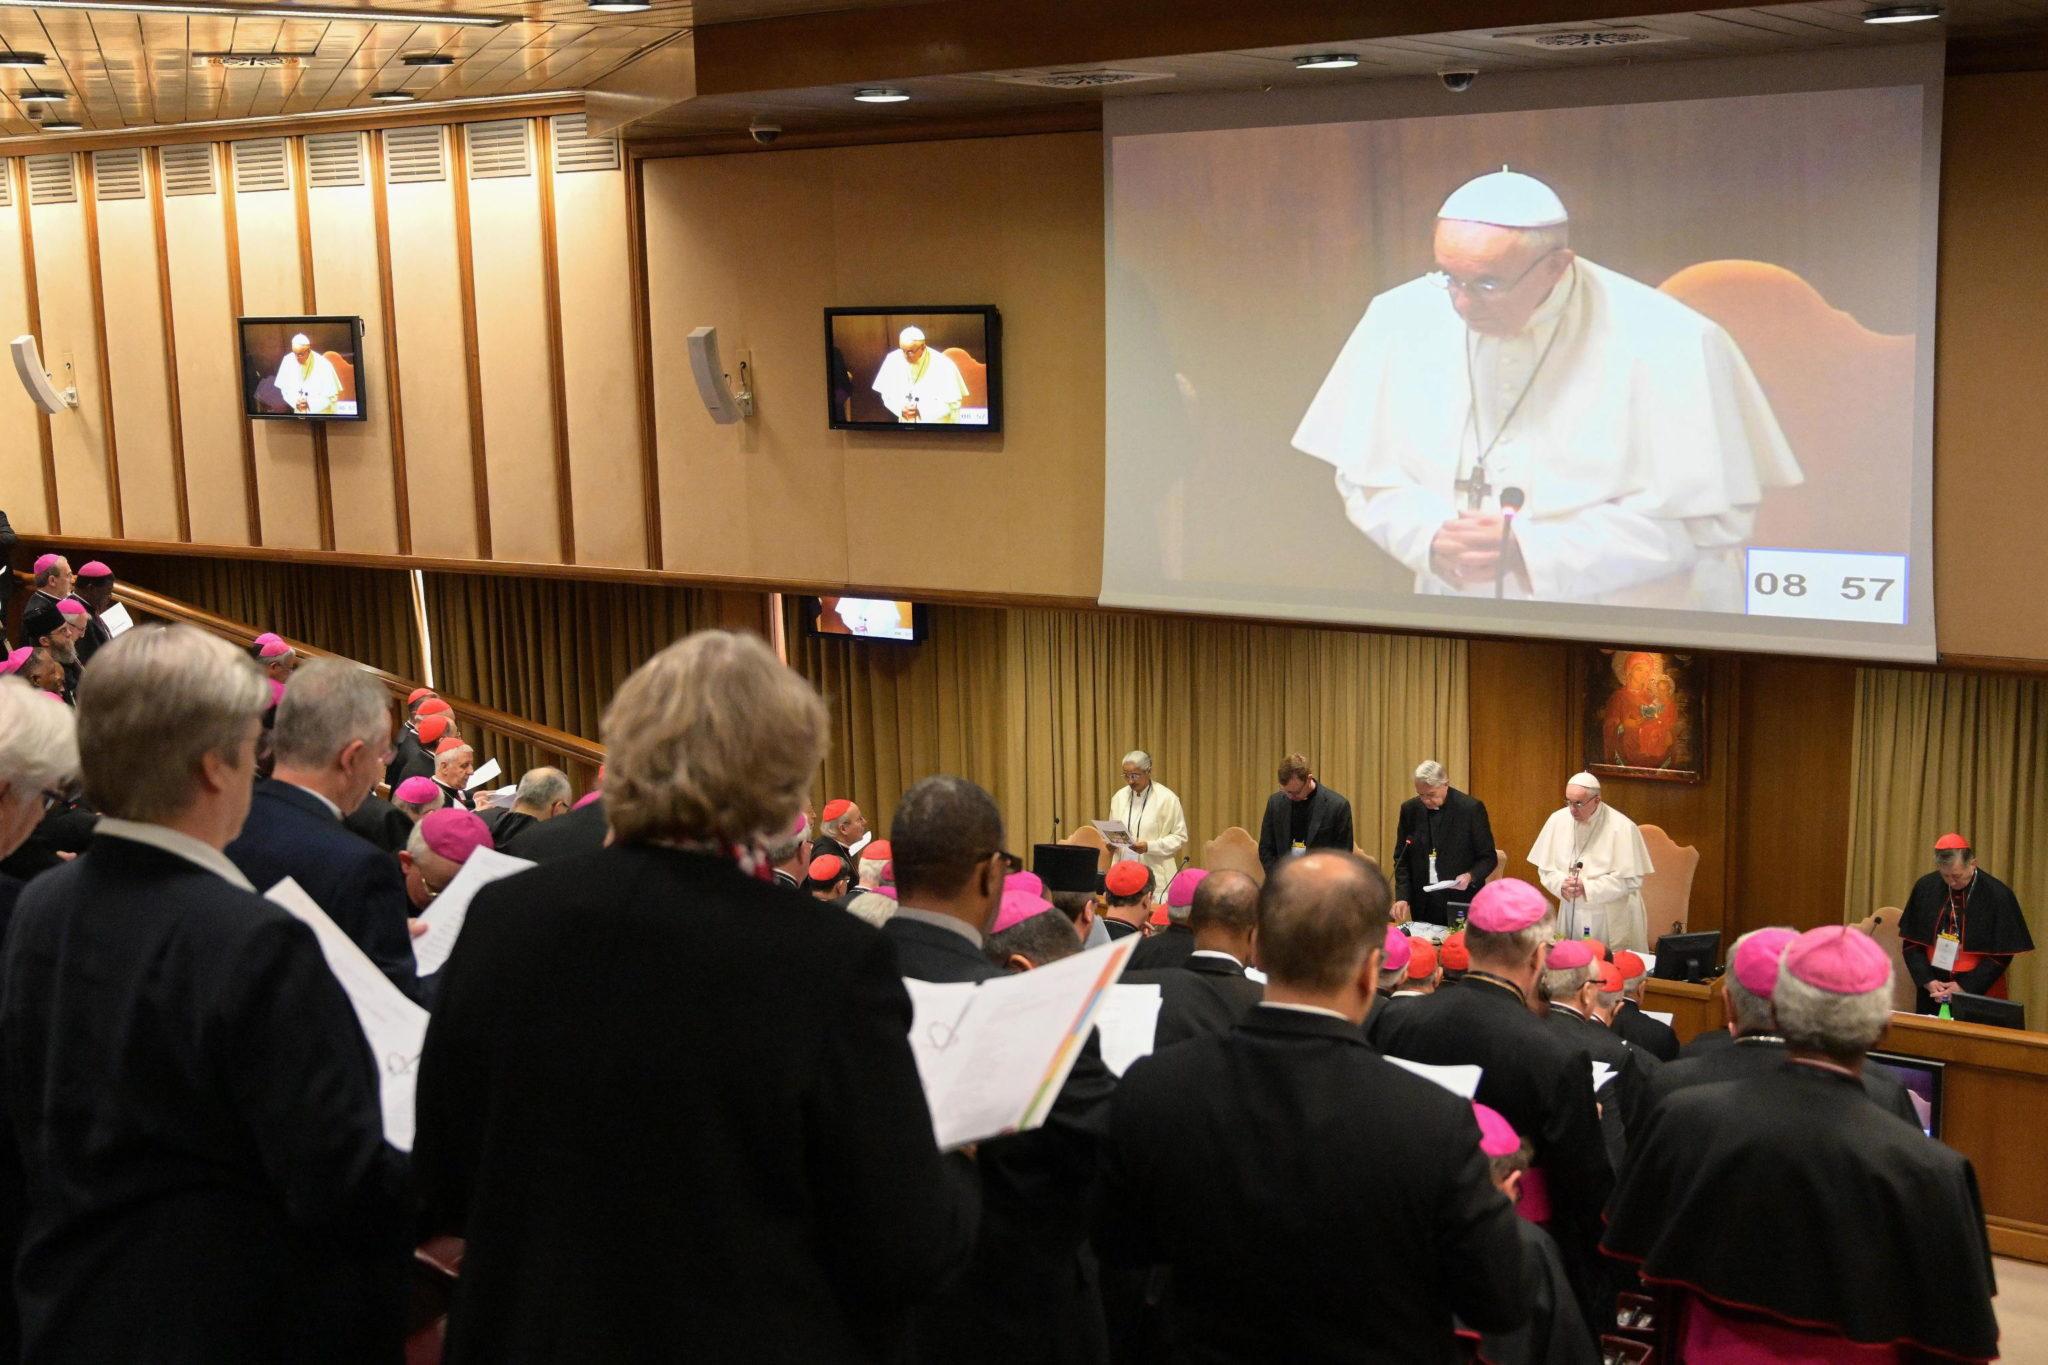 Vaticano: Cimeira sobre abusos sexuais começou com escuta das vítimas